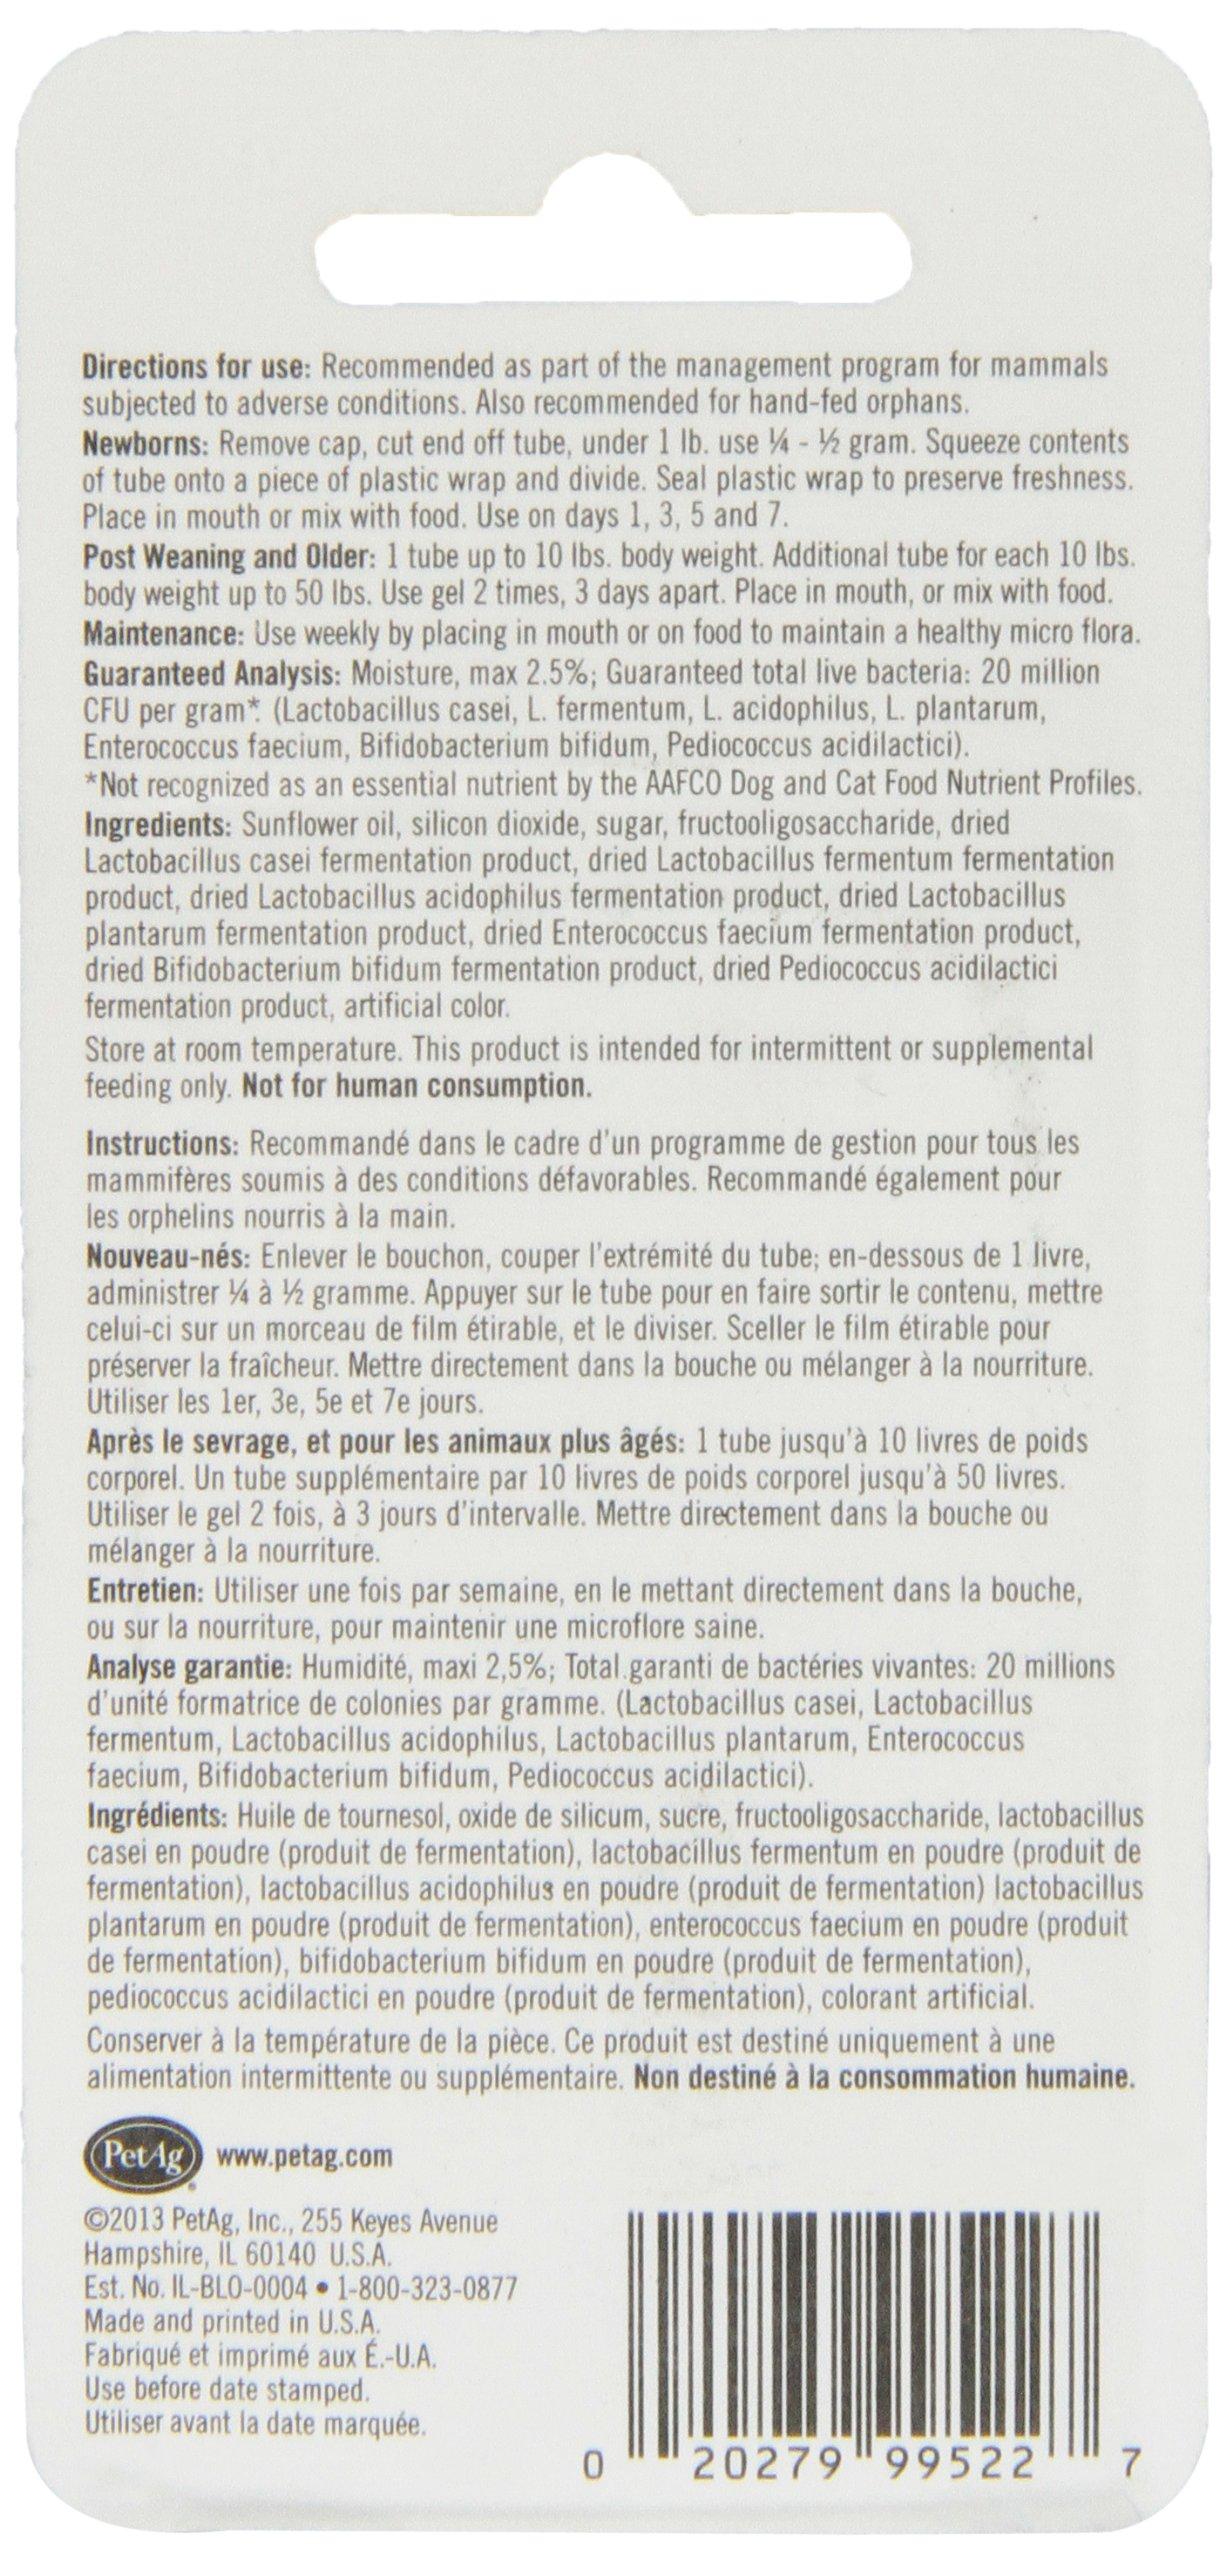 PetAg Bene-Bac Plus Pet Gel FOS Prebiotic and Probiotic, 4 Pk 4